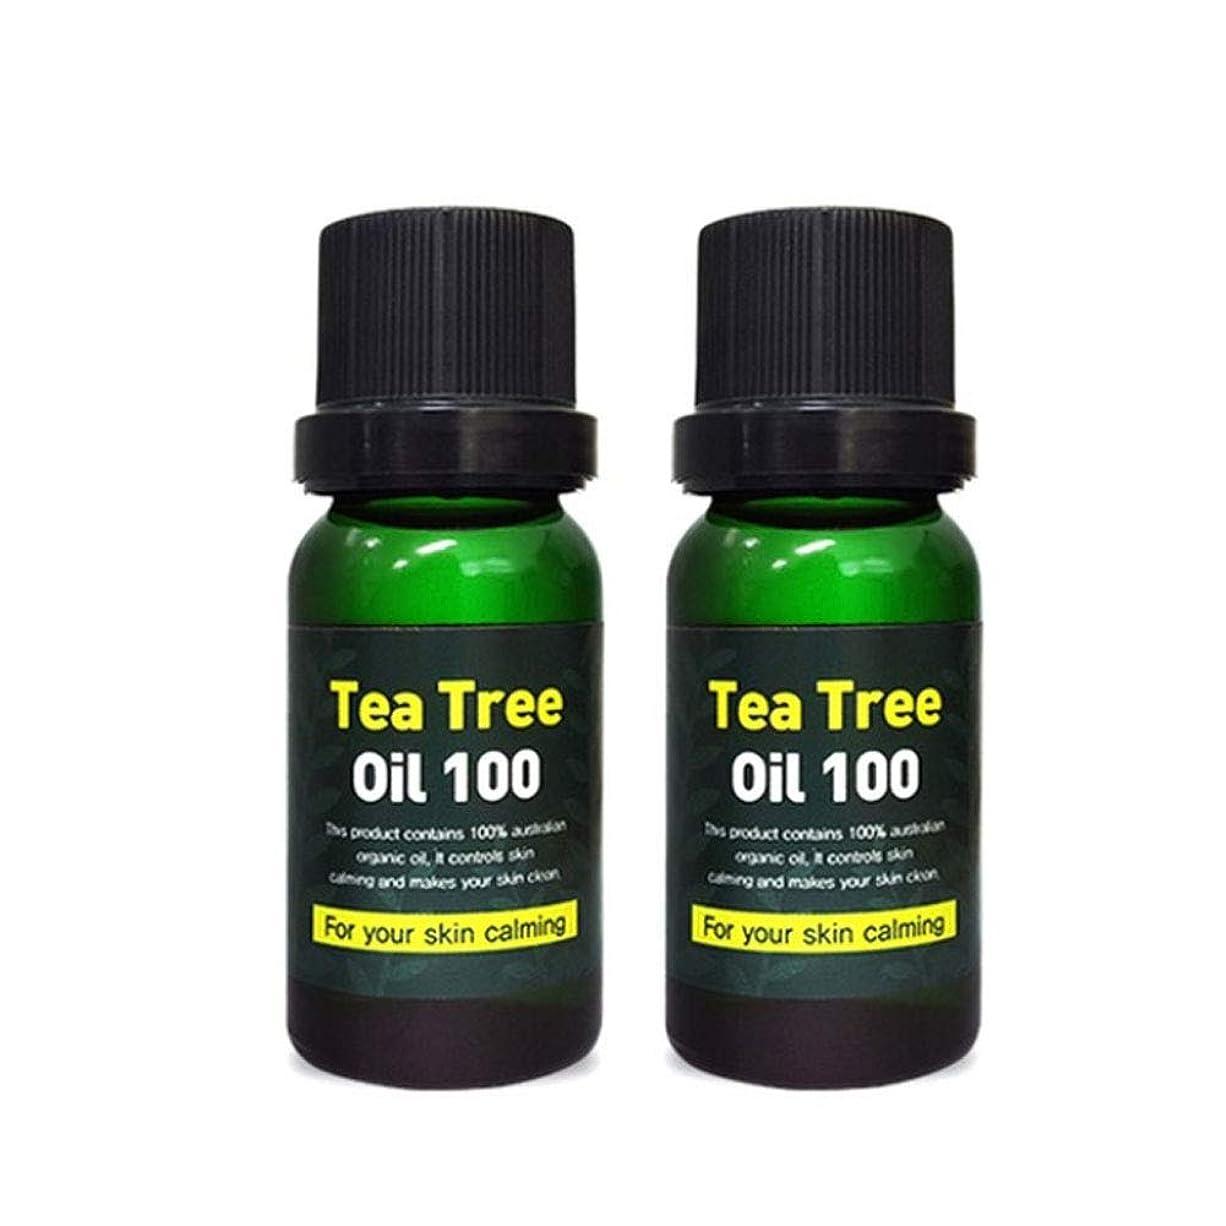 学校の先生小石違反スキンアイシークレットプラントティーツリーオイル100 10mlx2本セット 韓国コスメ、Skineye Secret Plant Tea Tree Oil 100 10ml x 2ea Set Korean Cosmetics [並行輸入品]